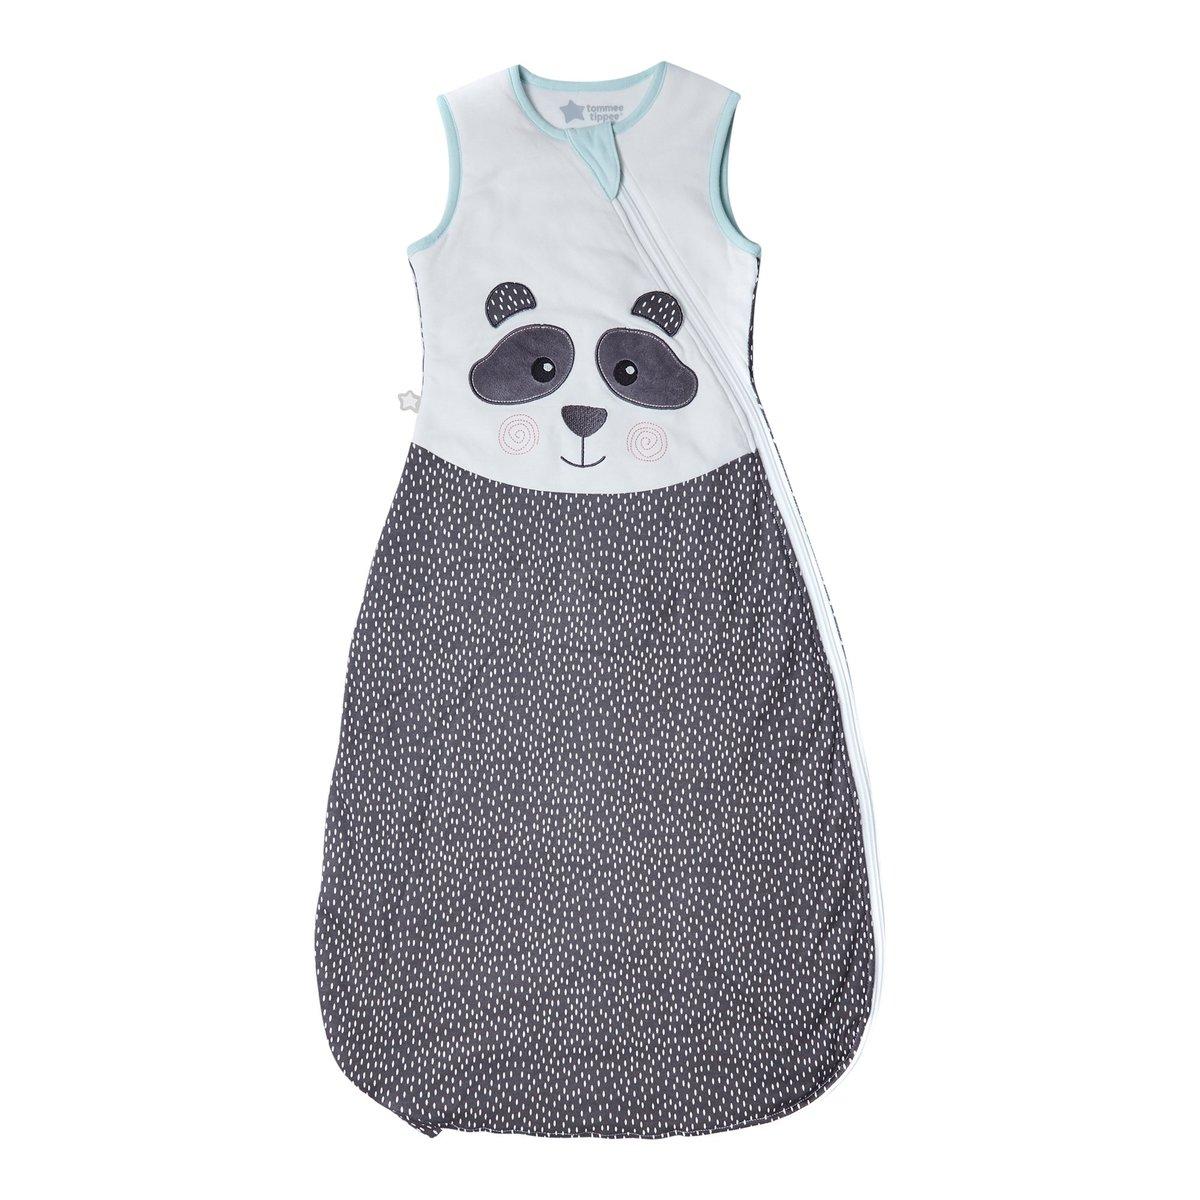 嬰兒睡袋 18-36 個月 1.0 TOG - 熊貓